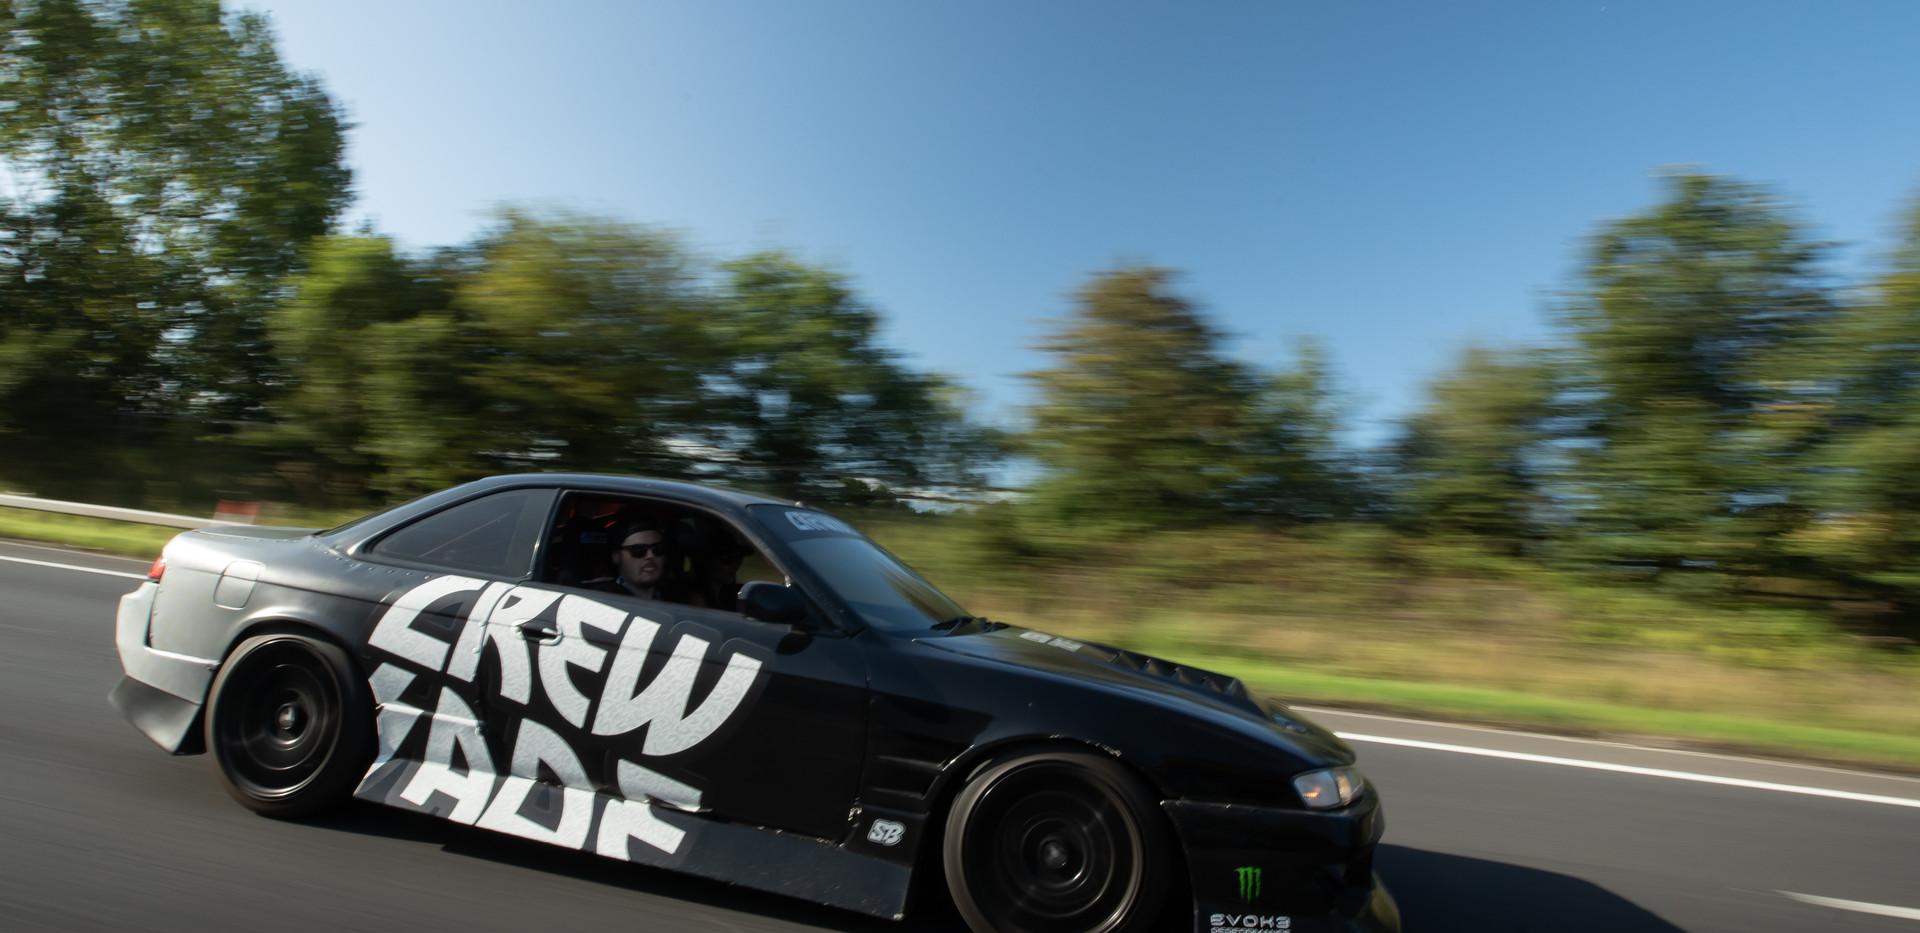 E2E | S14 ROLLER.jpg